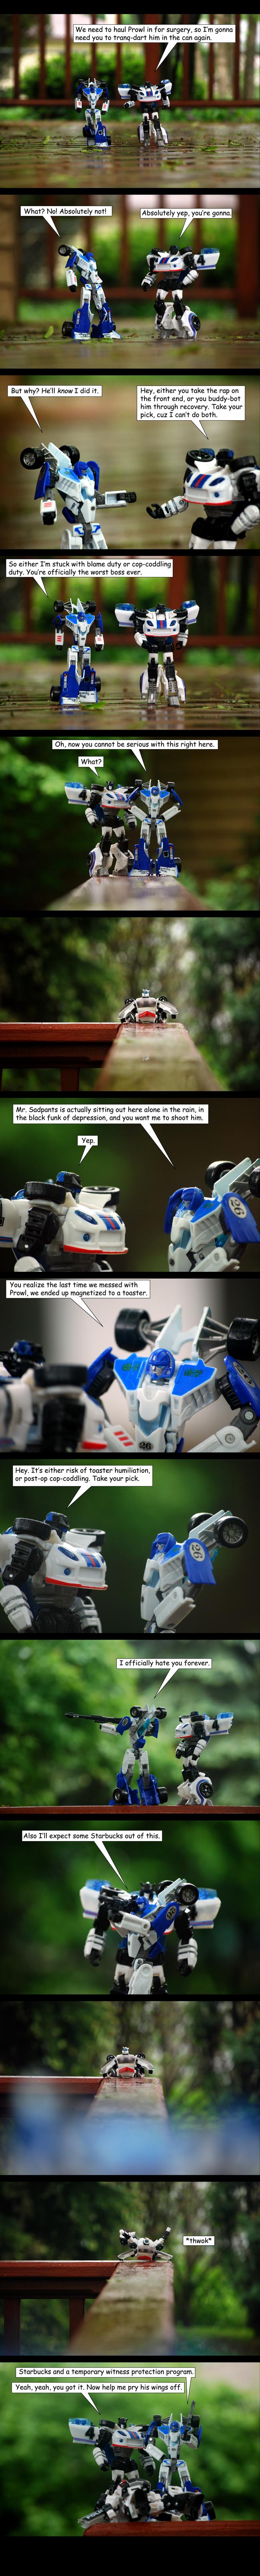 Broken Doorwings - Part 3 by The-Starhorse